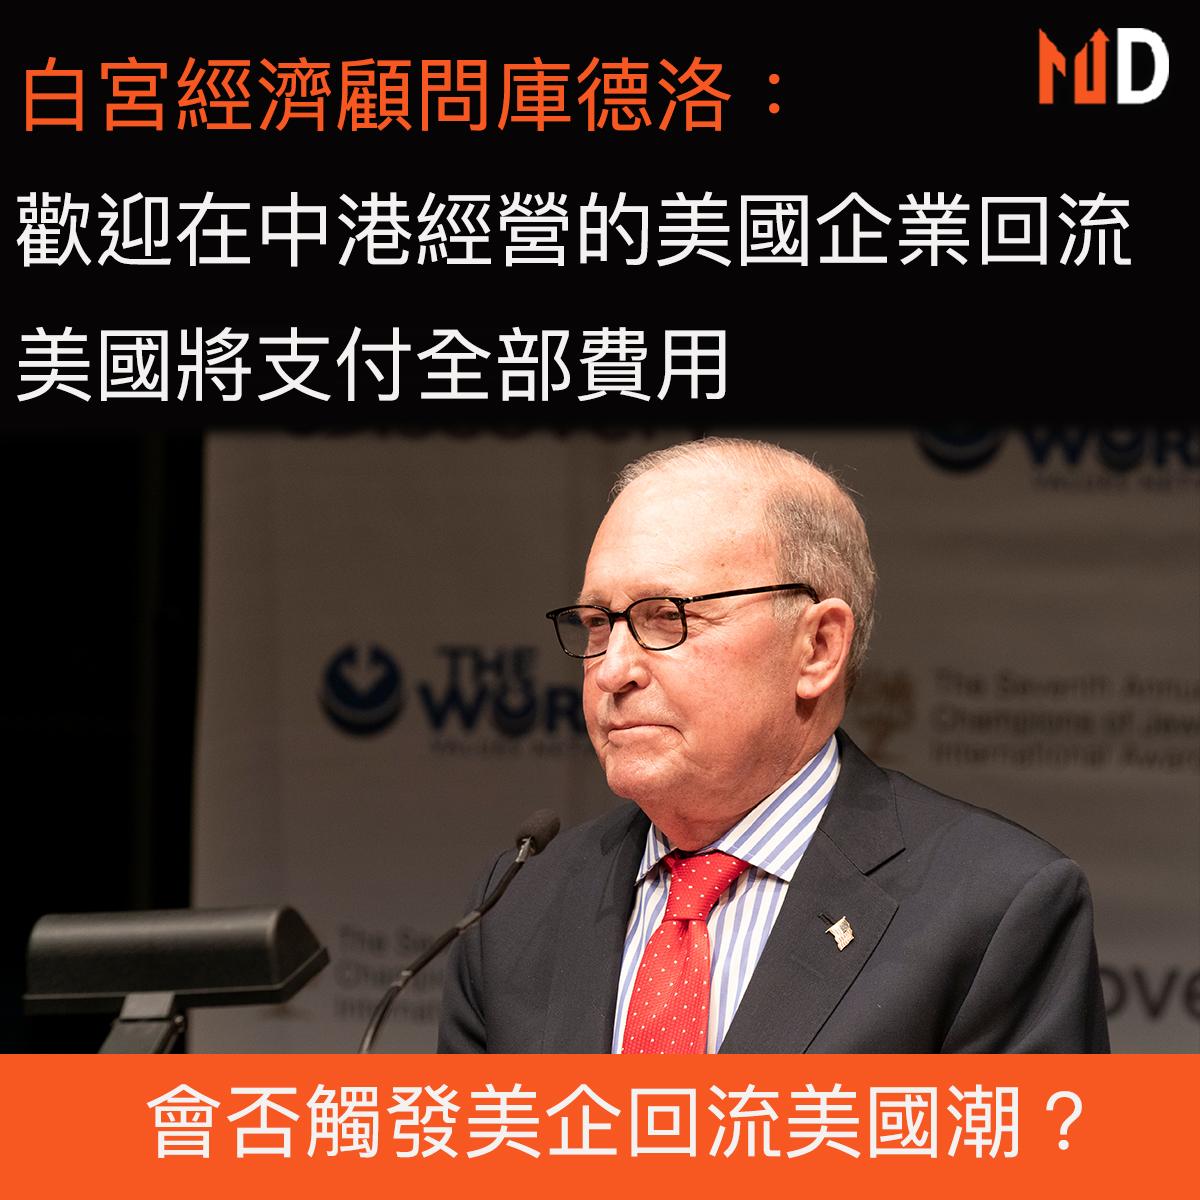 【市場熱話】白宮經濟顧問庫德洛:歡迎於中港的美企回流,美國將盡所能支付全部費用